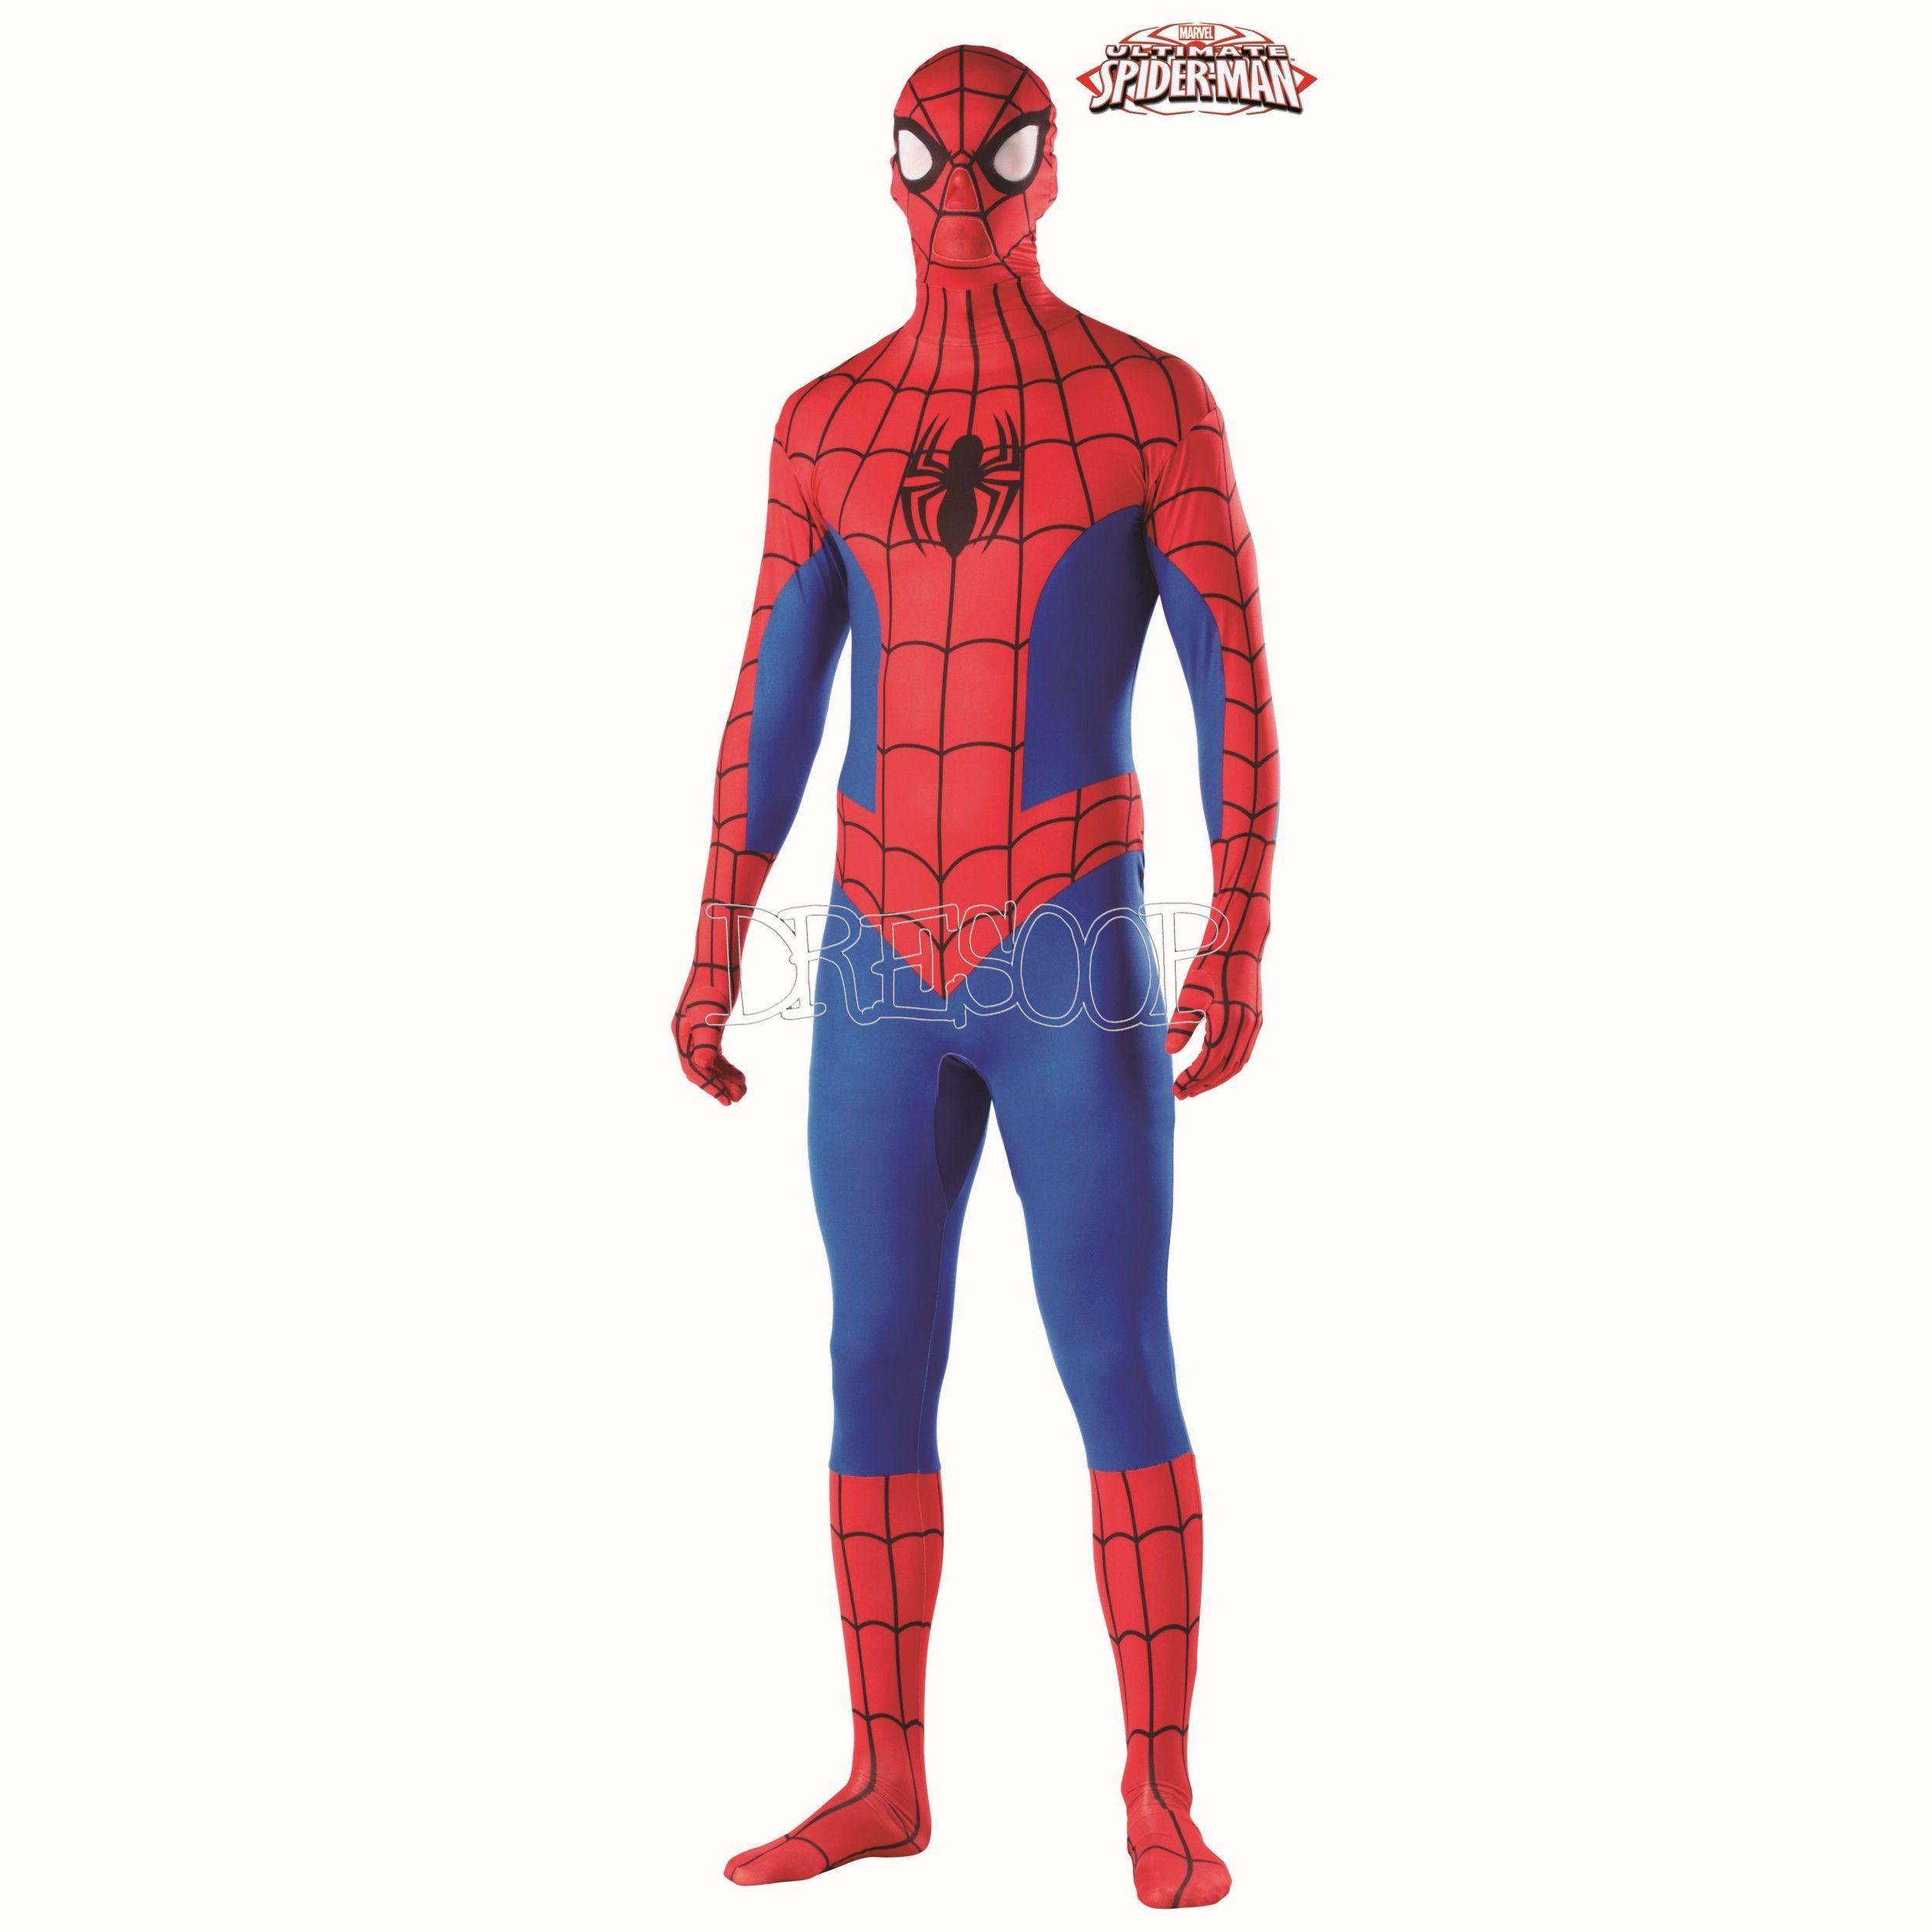 SPIDERMAN CAMISETA Peter Parker Marvel Super Hero divertido Vintage